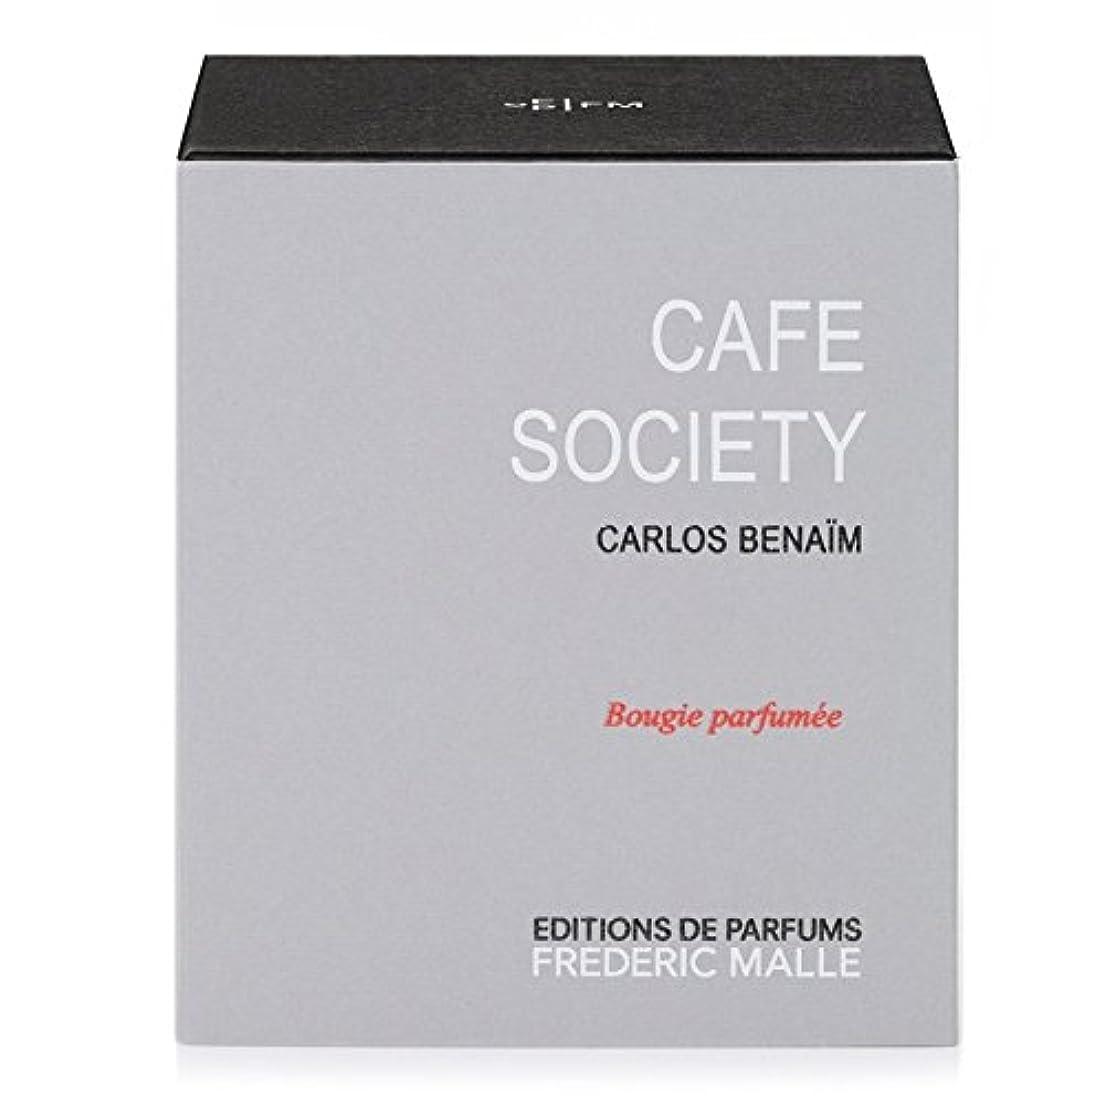 あいまいさ戦い間に合わせFrederic Malle Cafe Society Scented Candle 220g - フレデリック?マルカフェ社会の香りのキャンドル220グラム [並行輸入品]